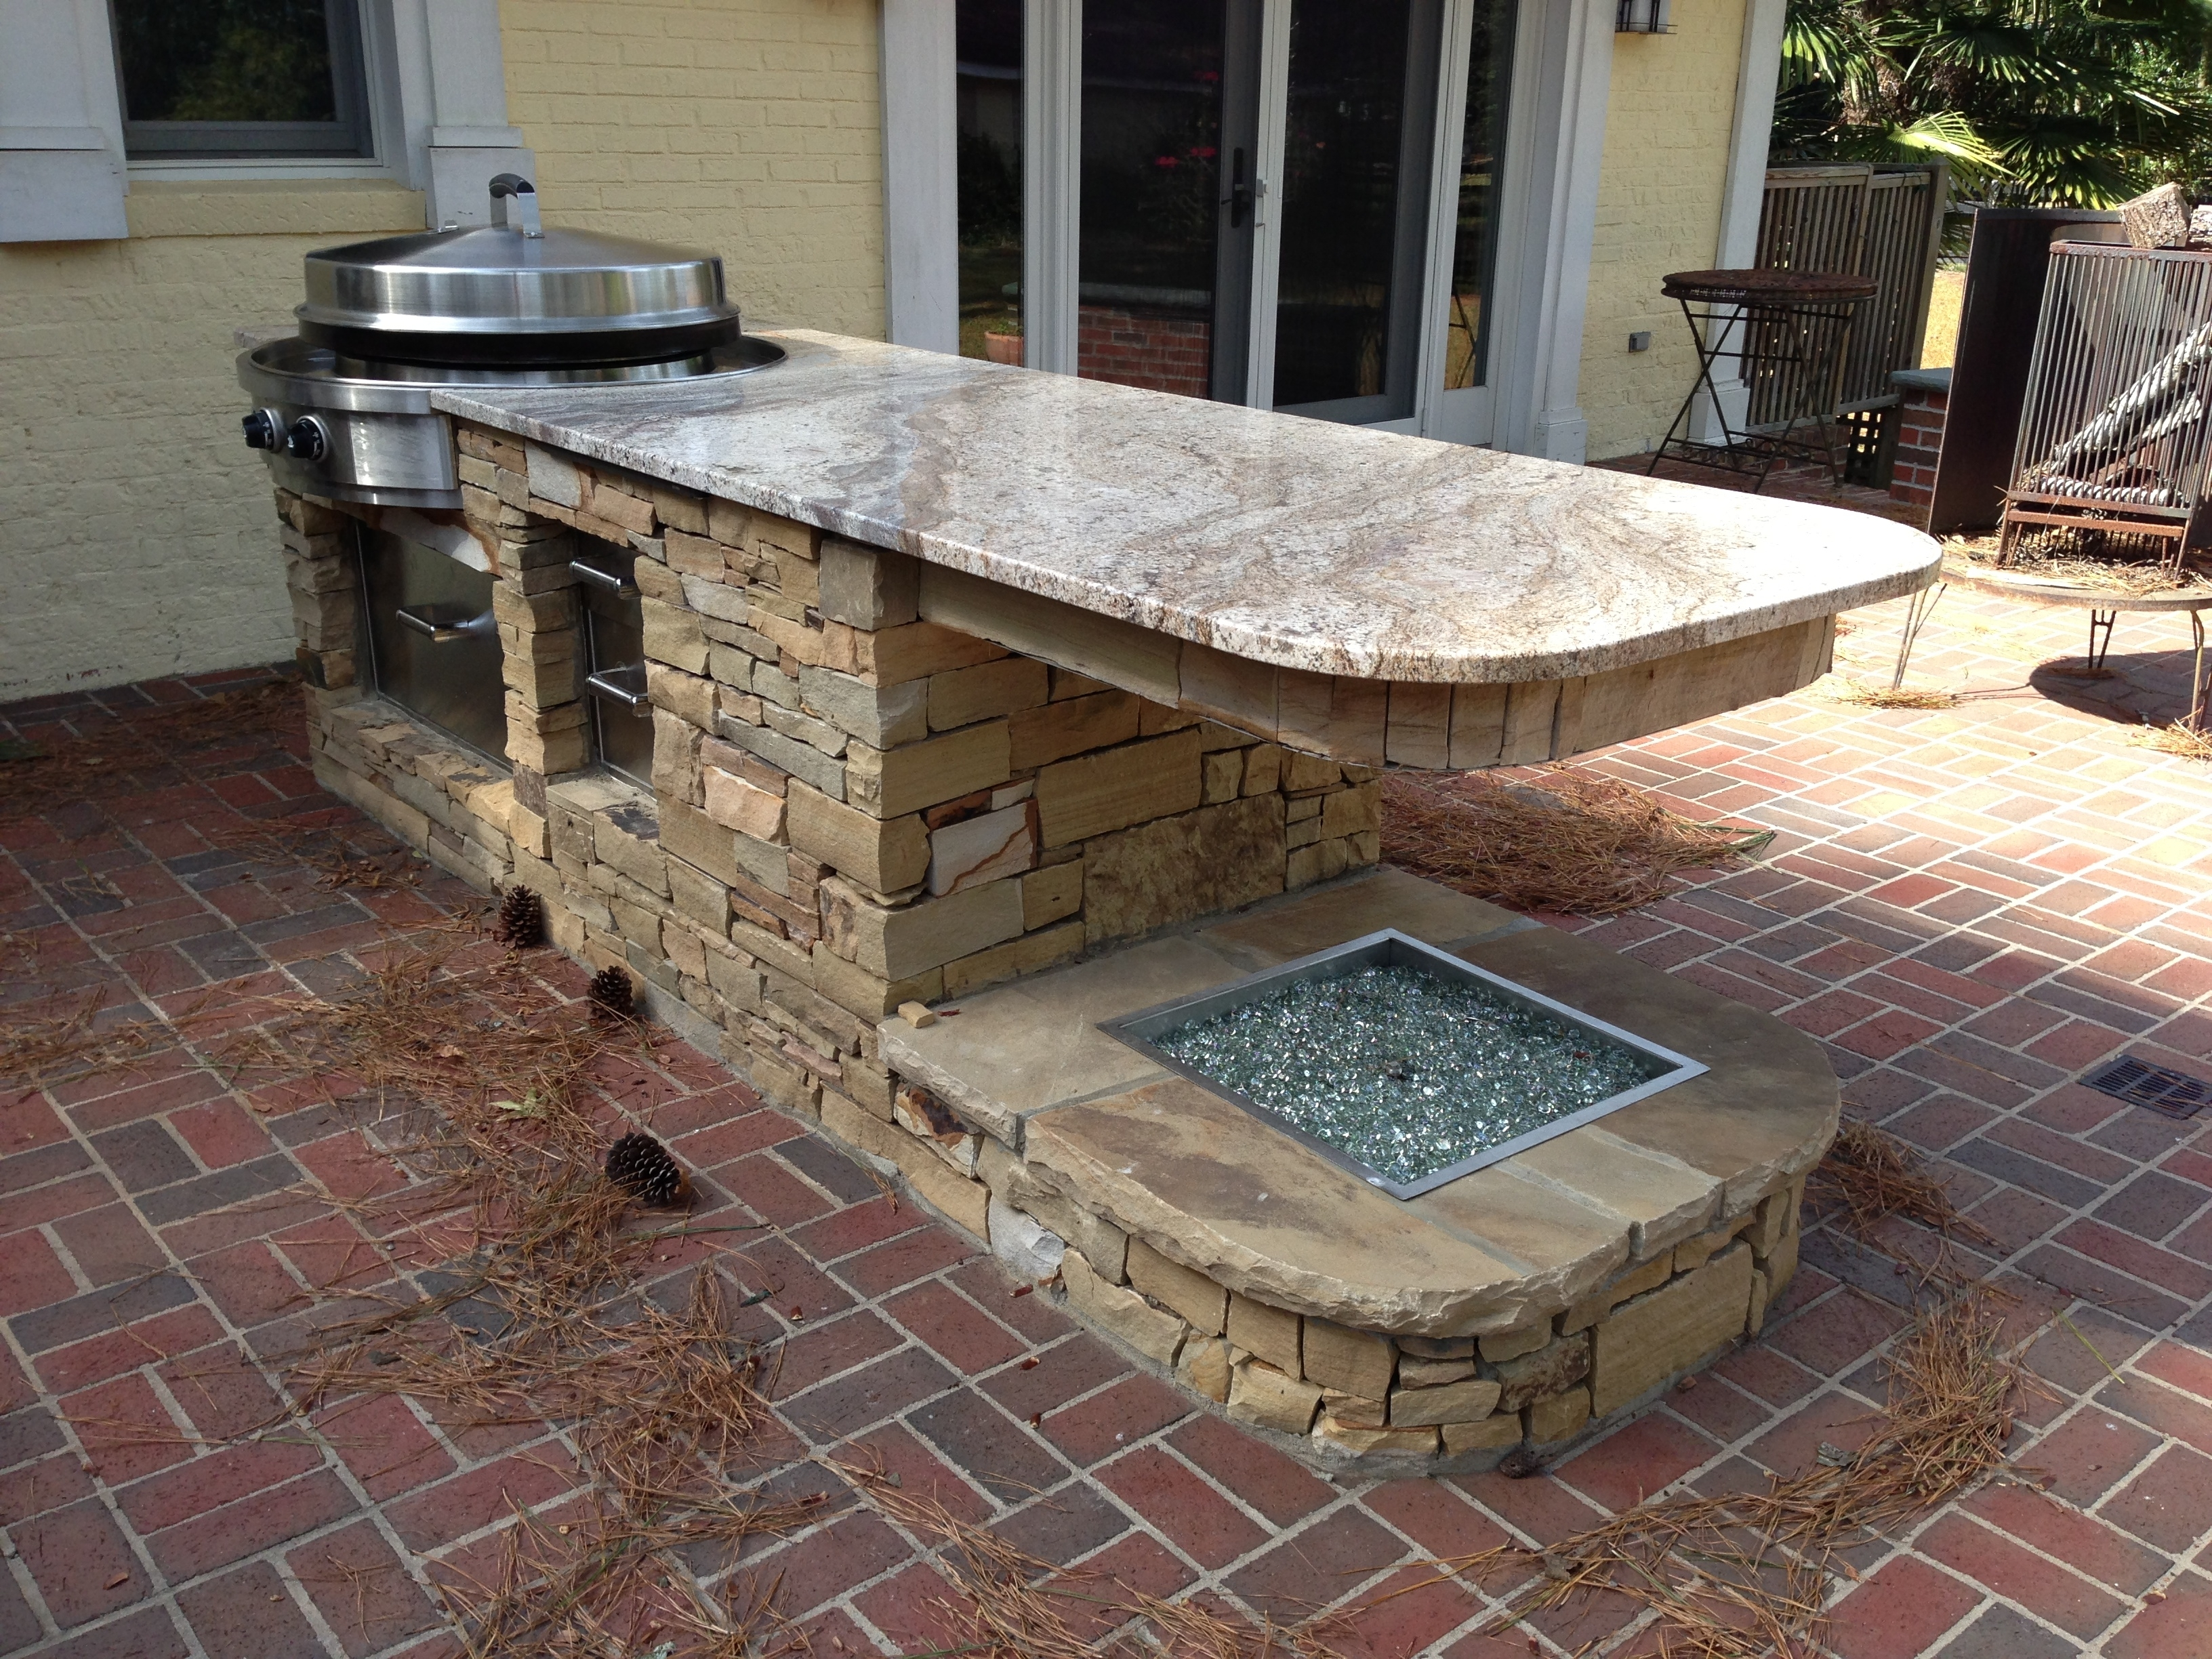 Granite Countertops For Outdoor Kitchen